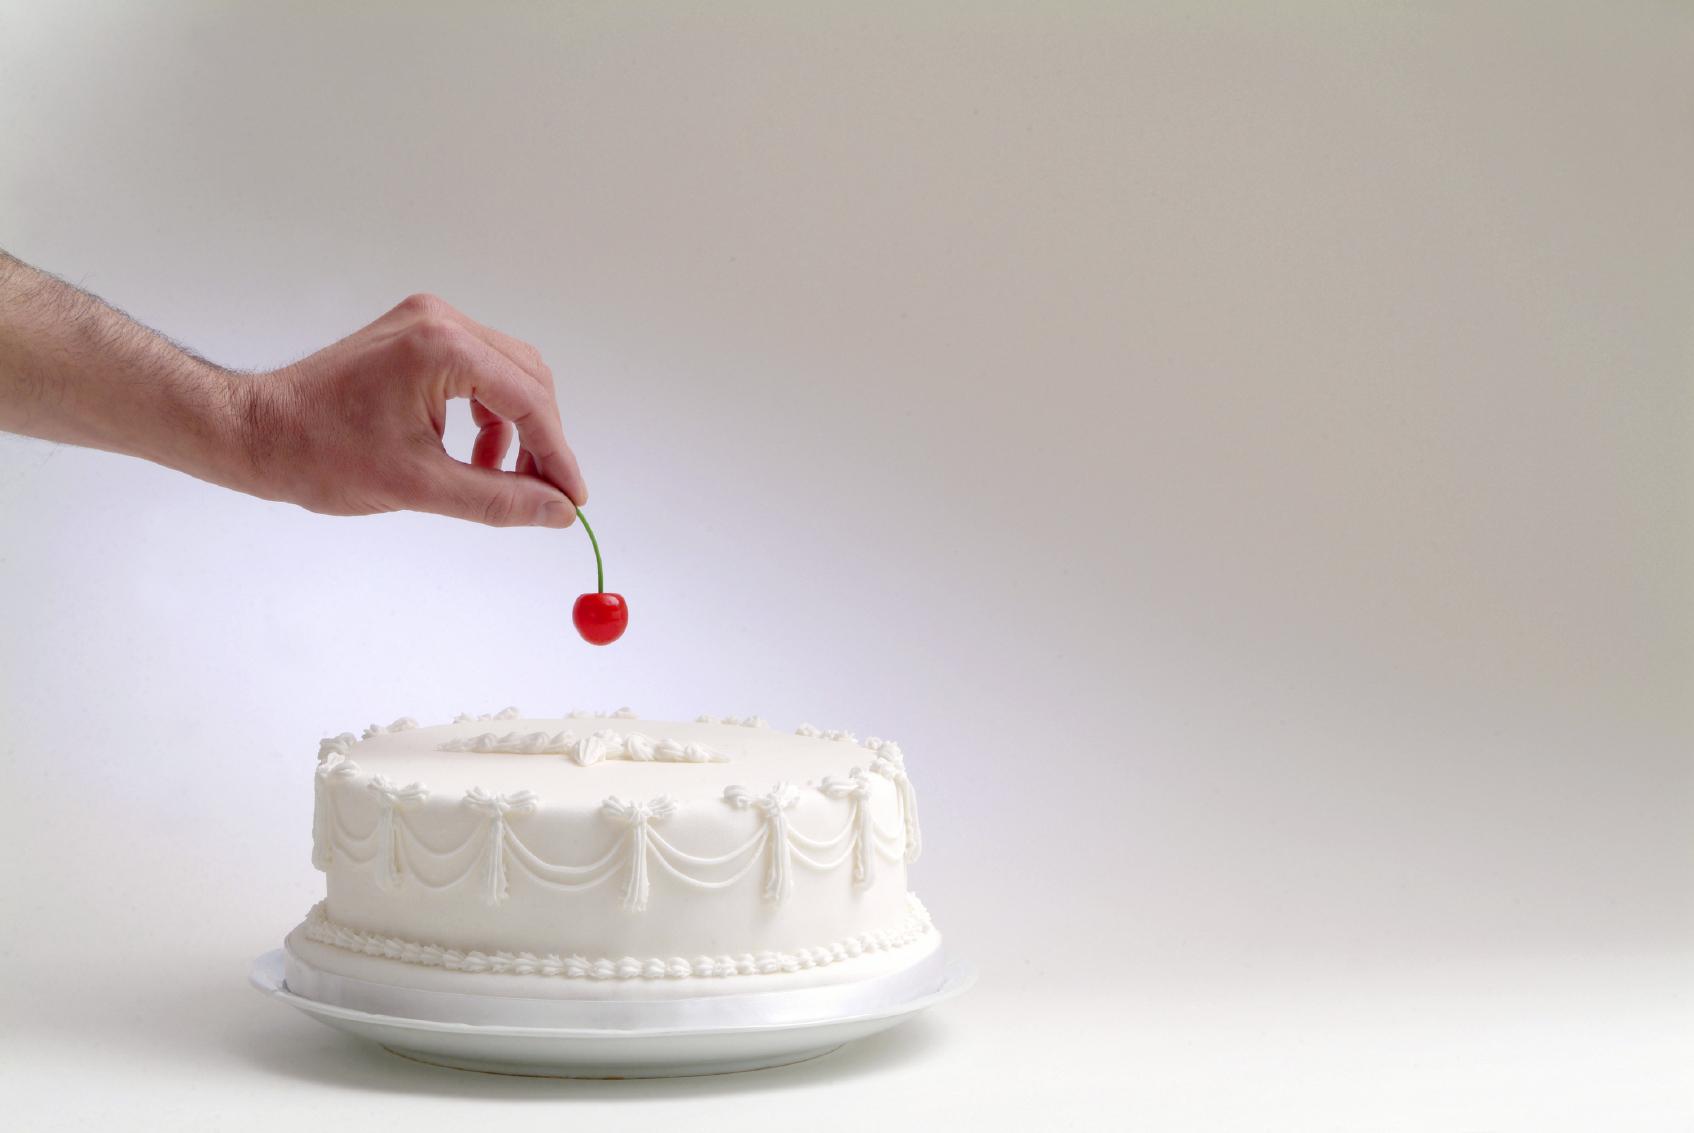 Share SP 2015: o bolo não precisa de cereja